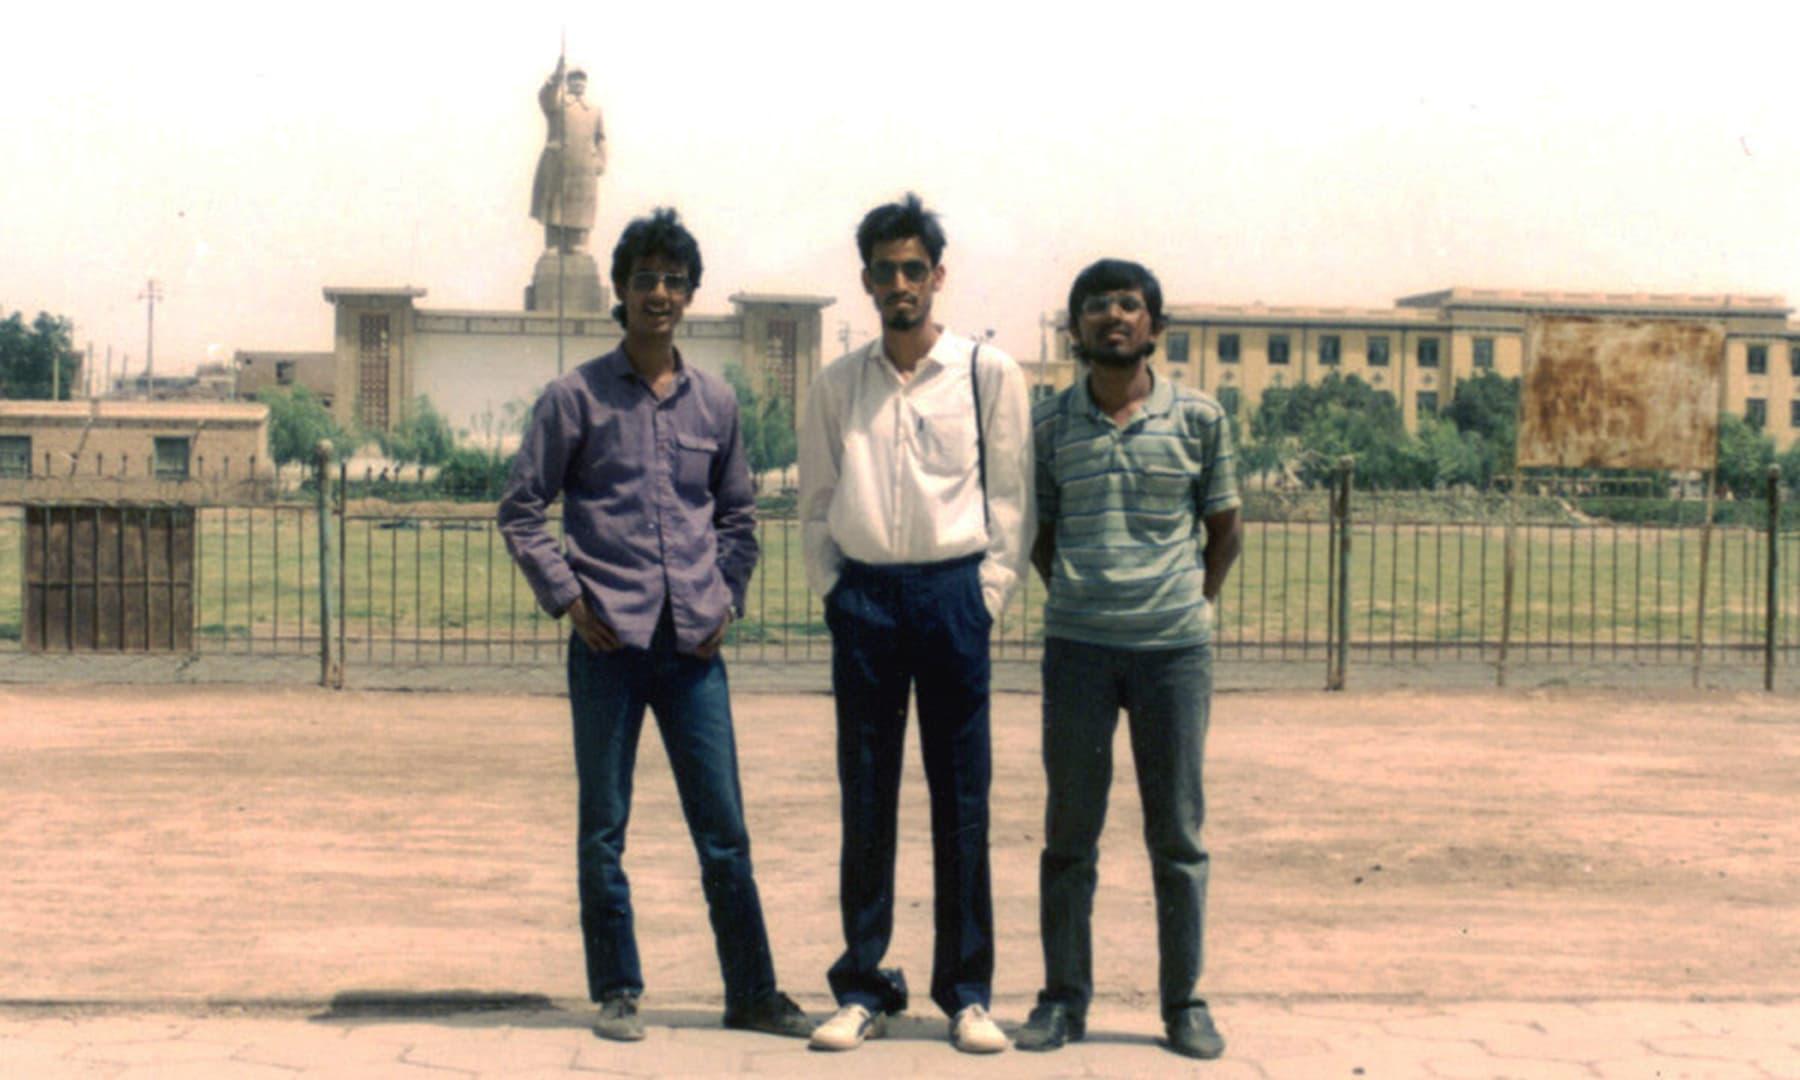 1987 میں کاشغر میں اپنے دوستوں کے ہمراہ—تصویر عبیداللہ کیہر